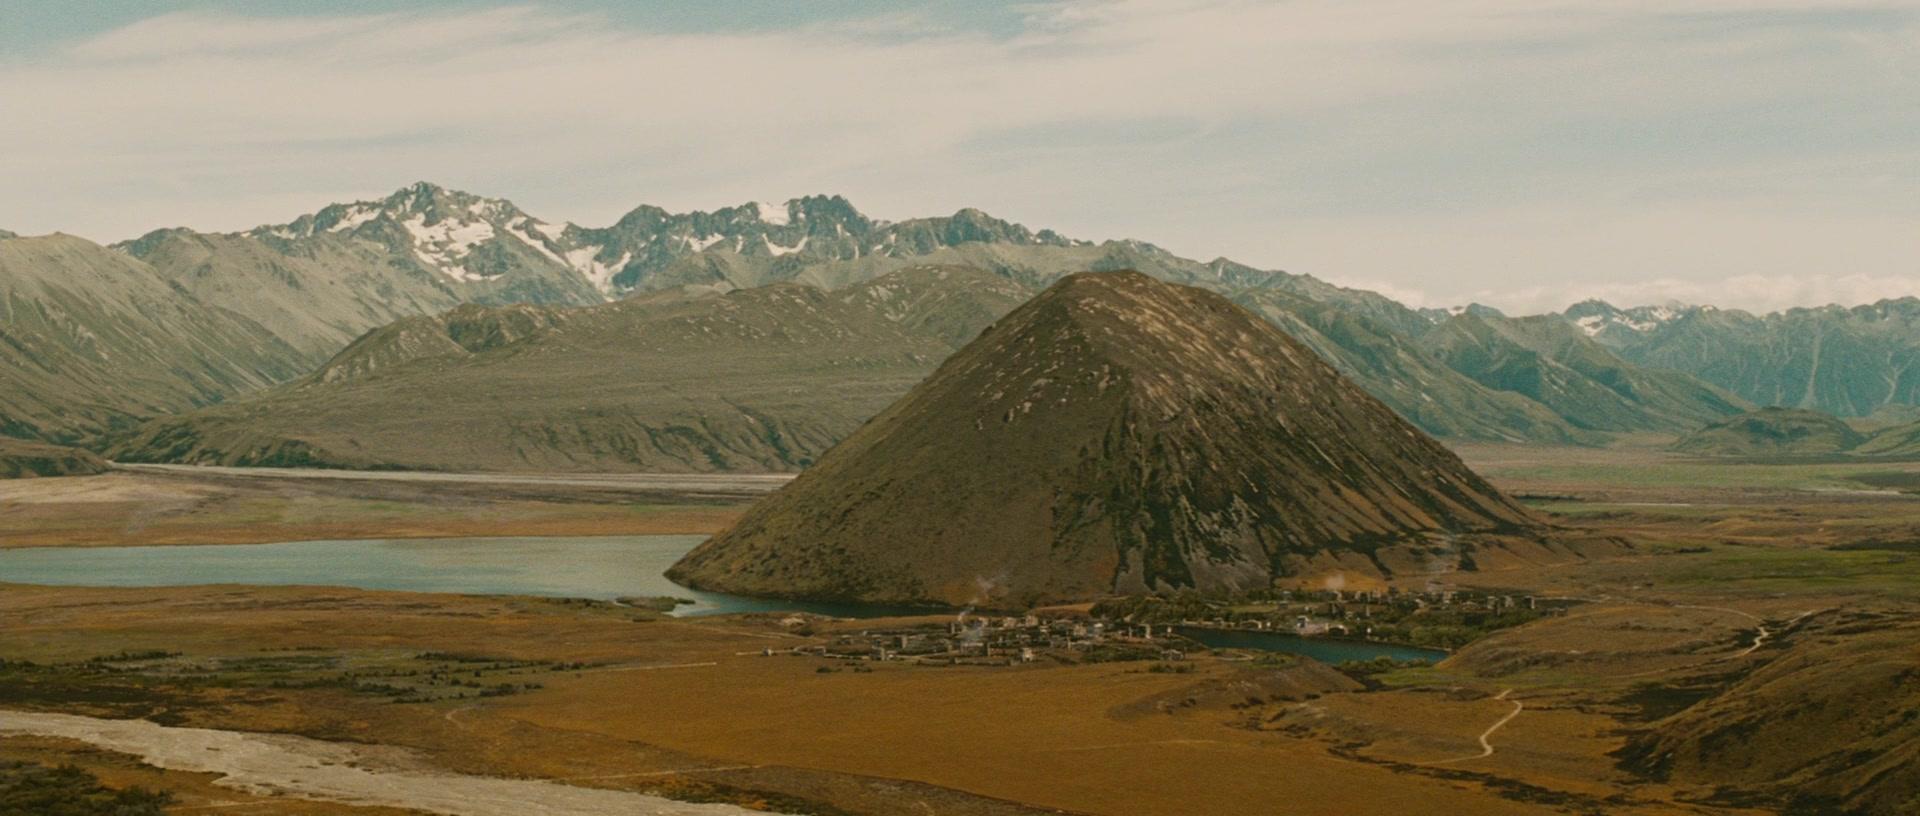 Film - Makapu Village.jpg